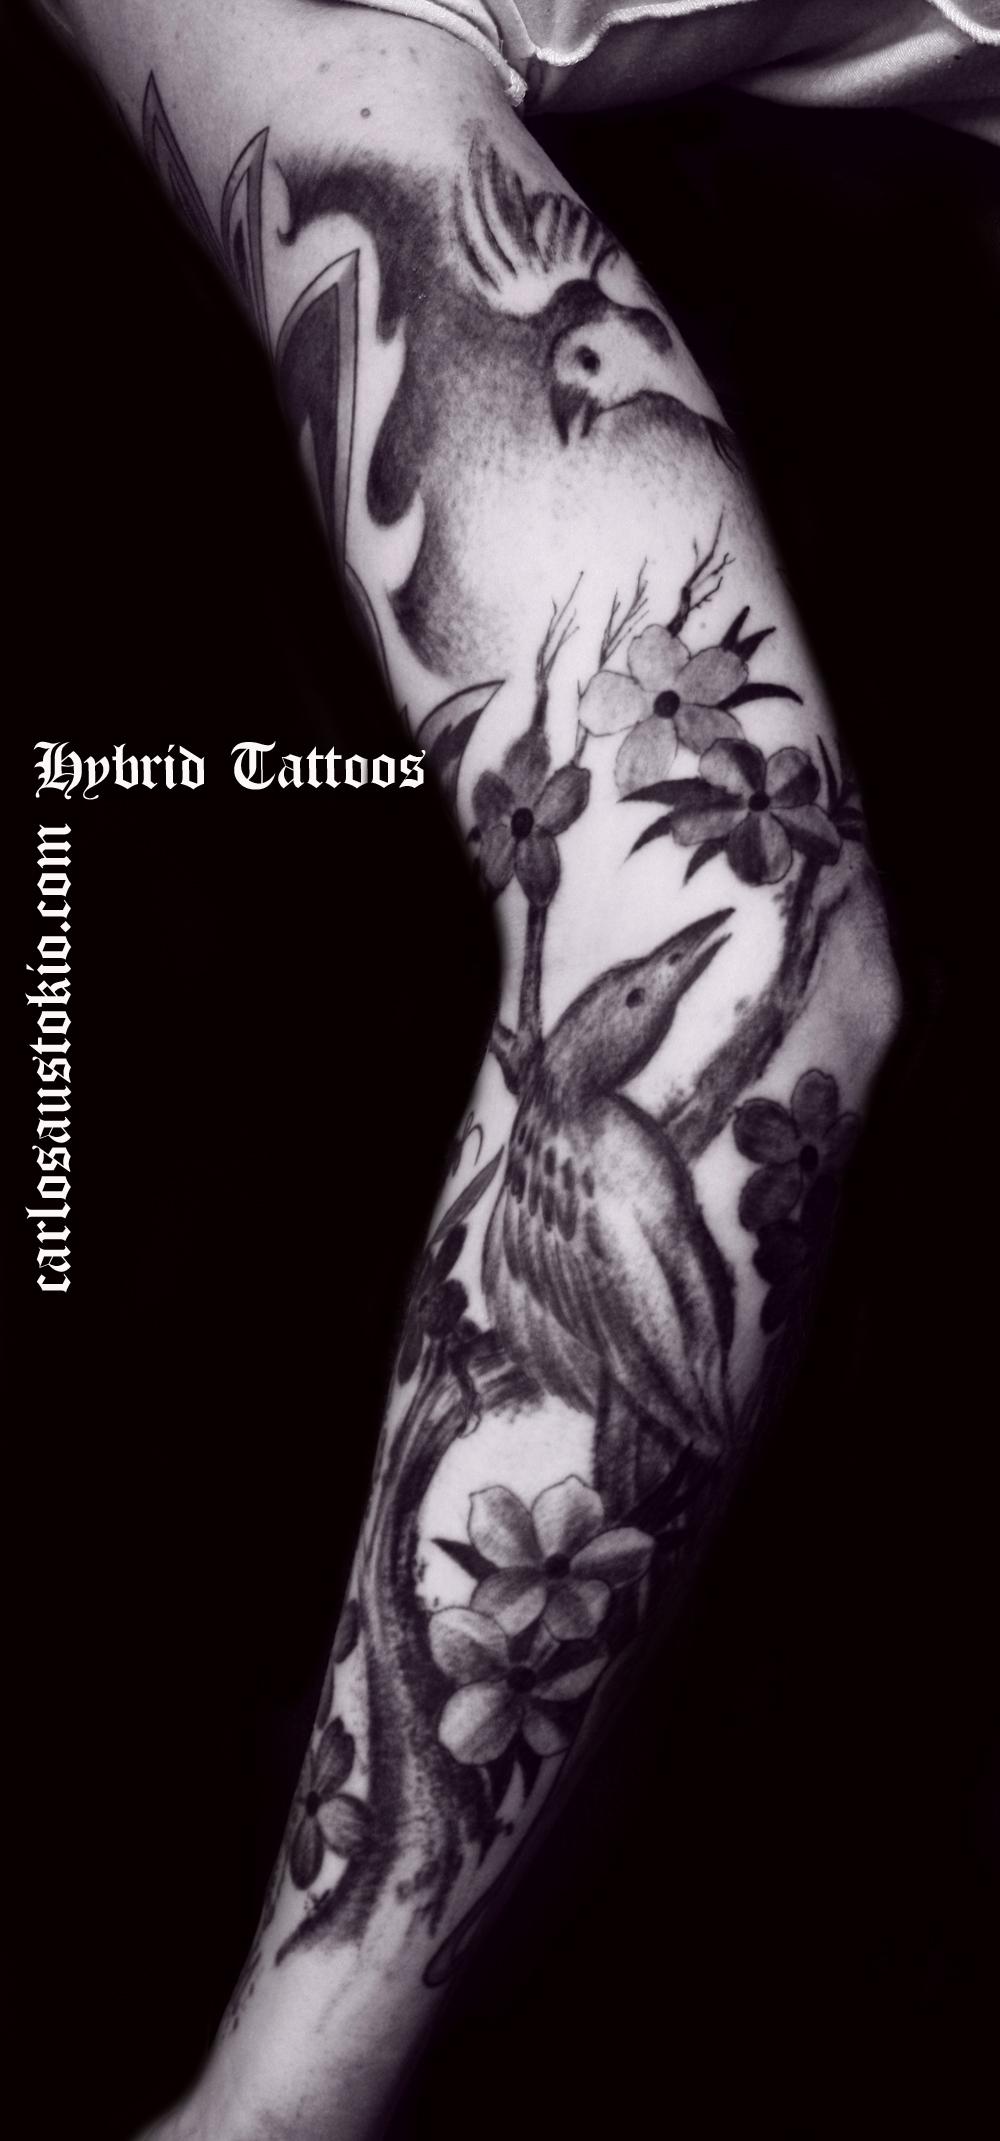 carlos aus tokio deutschland cologne tattoo3